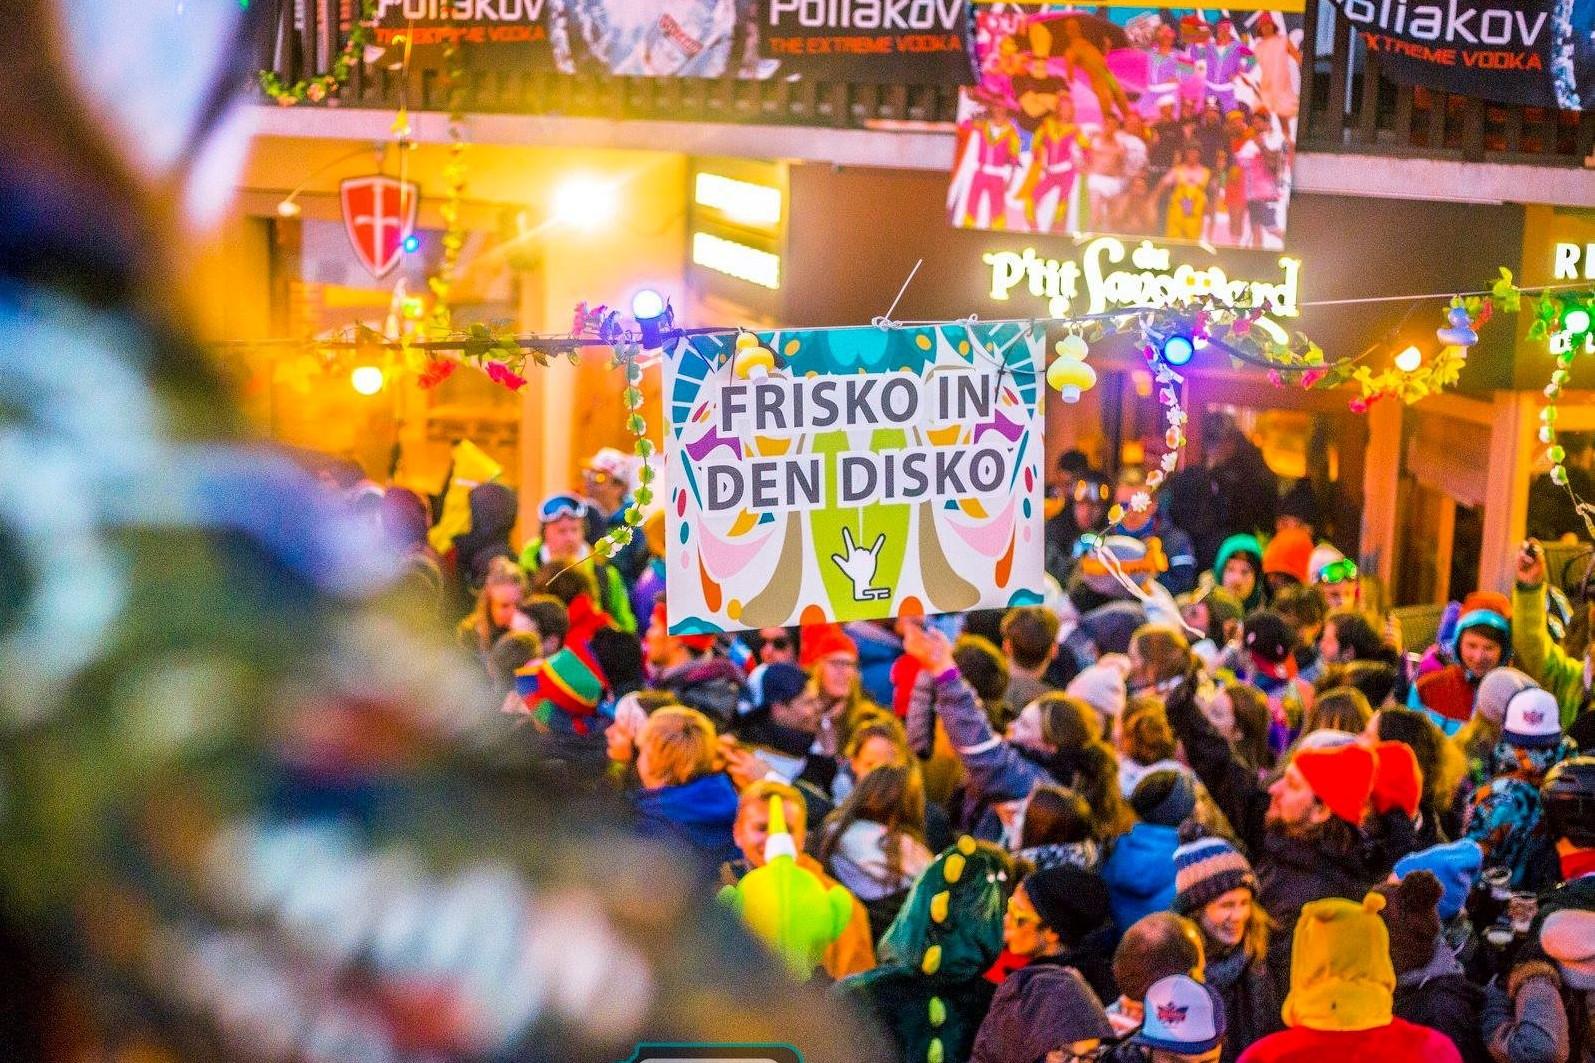 FRISKO IN DEN DISKO # neem het feesten niet al te serieus